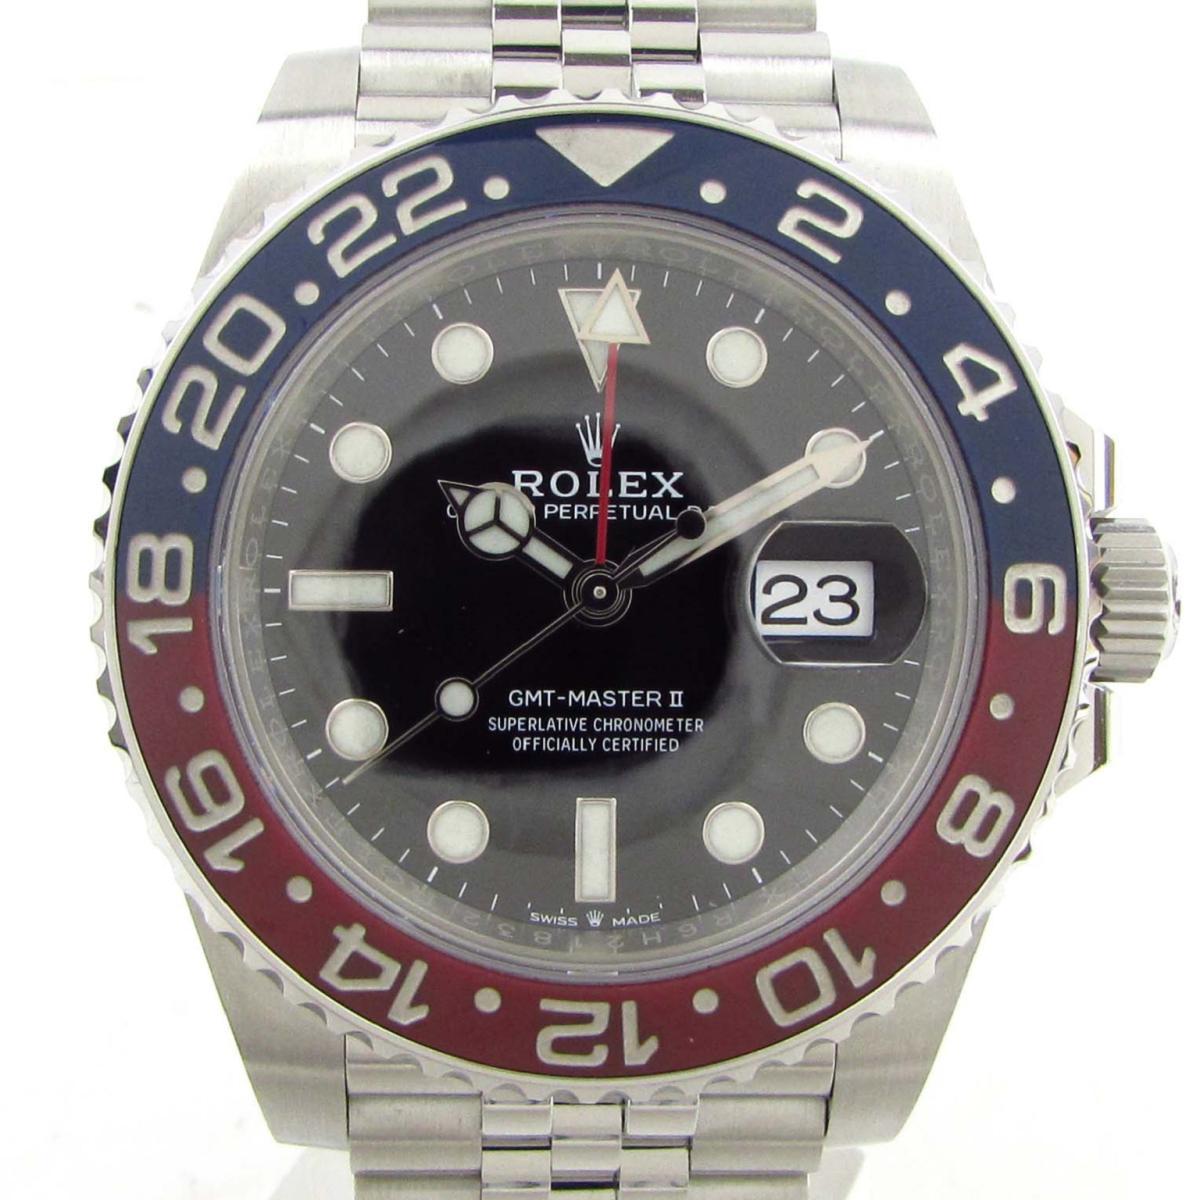 【中古】 ロレックス GMTマスター? ウォッチ 腕時計 メンズ ステンレススチール (SS) (126710BLRO ランダム番) | ROLEX BRANDOFF ブランドオフ ブランド ブランド時計 ブランド腕時計 時計